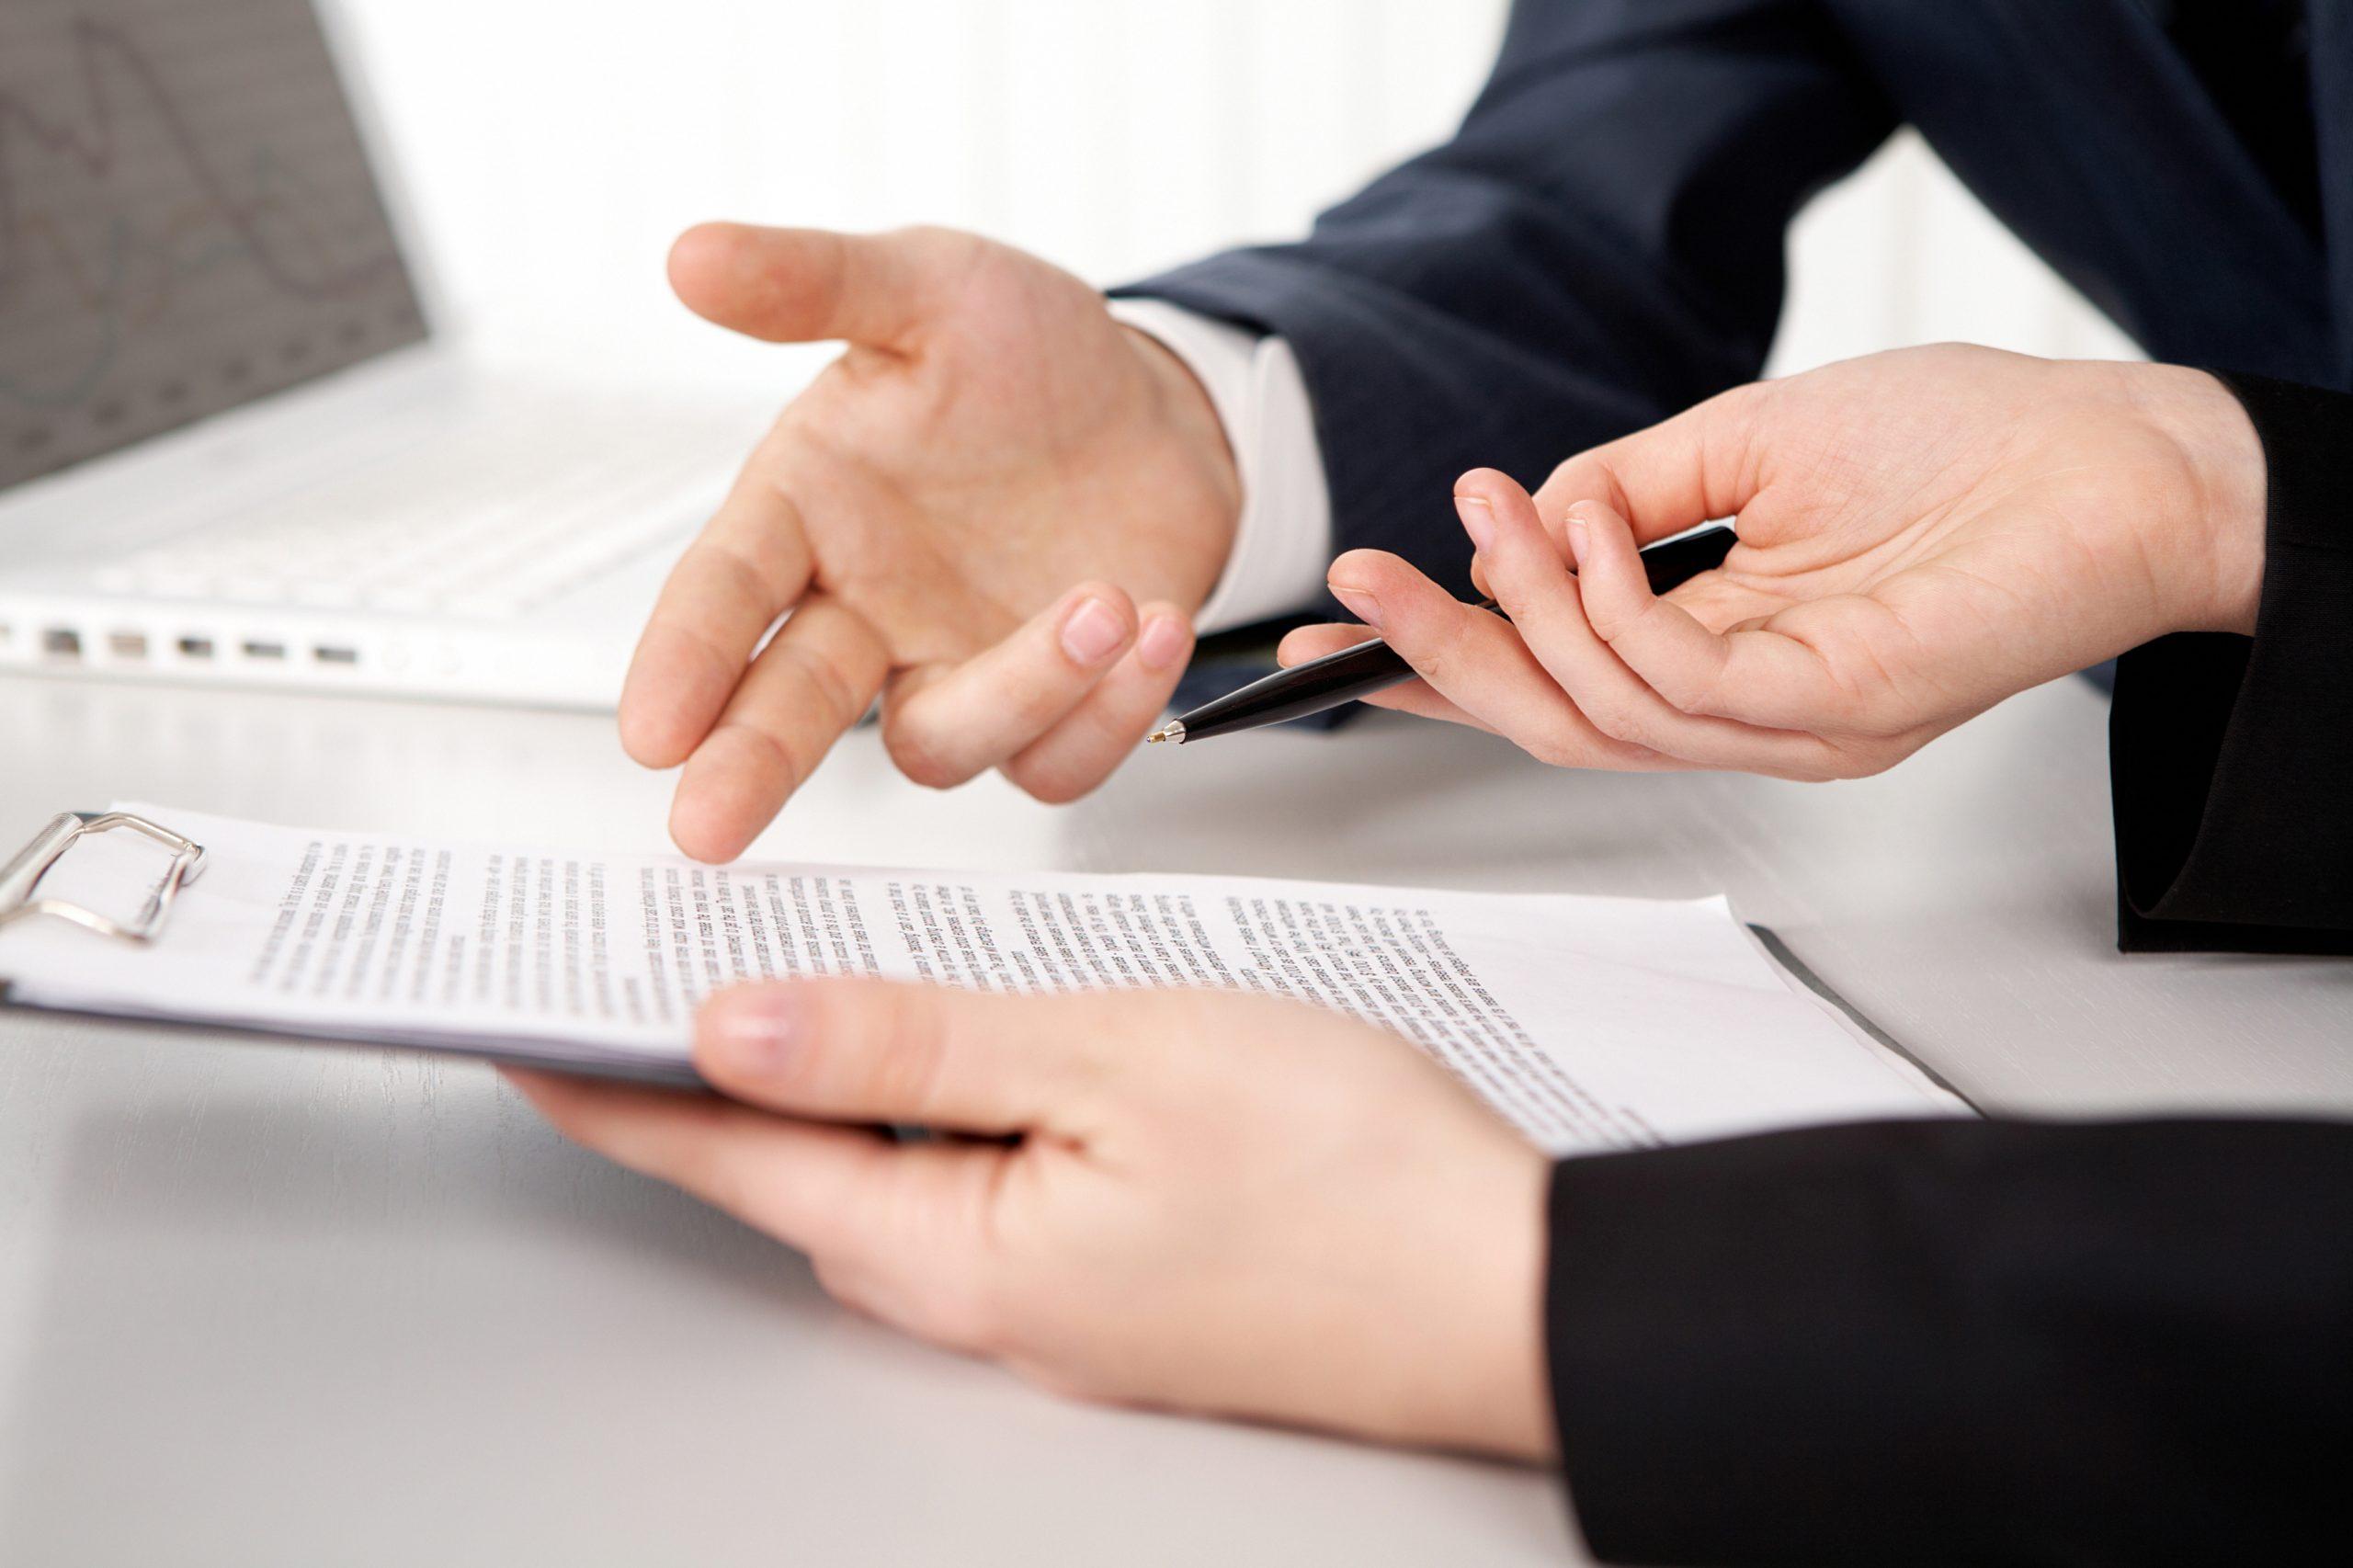 Як декларанту розрахувати базу для нарахування збору з одноразового (спеціального) добровільного декларування щодо нерухомого, рухомого майна, корпоративних прав, цінних паперів, права на отримання дивідендів, процентів інших активів ФО?